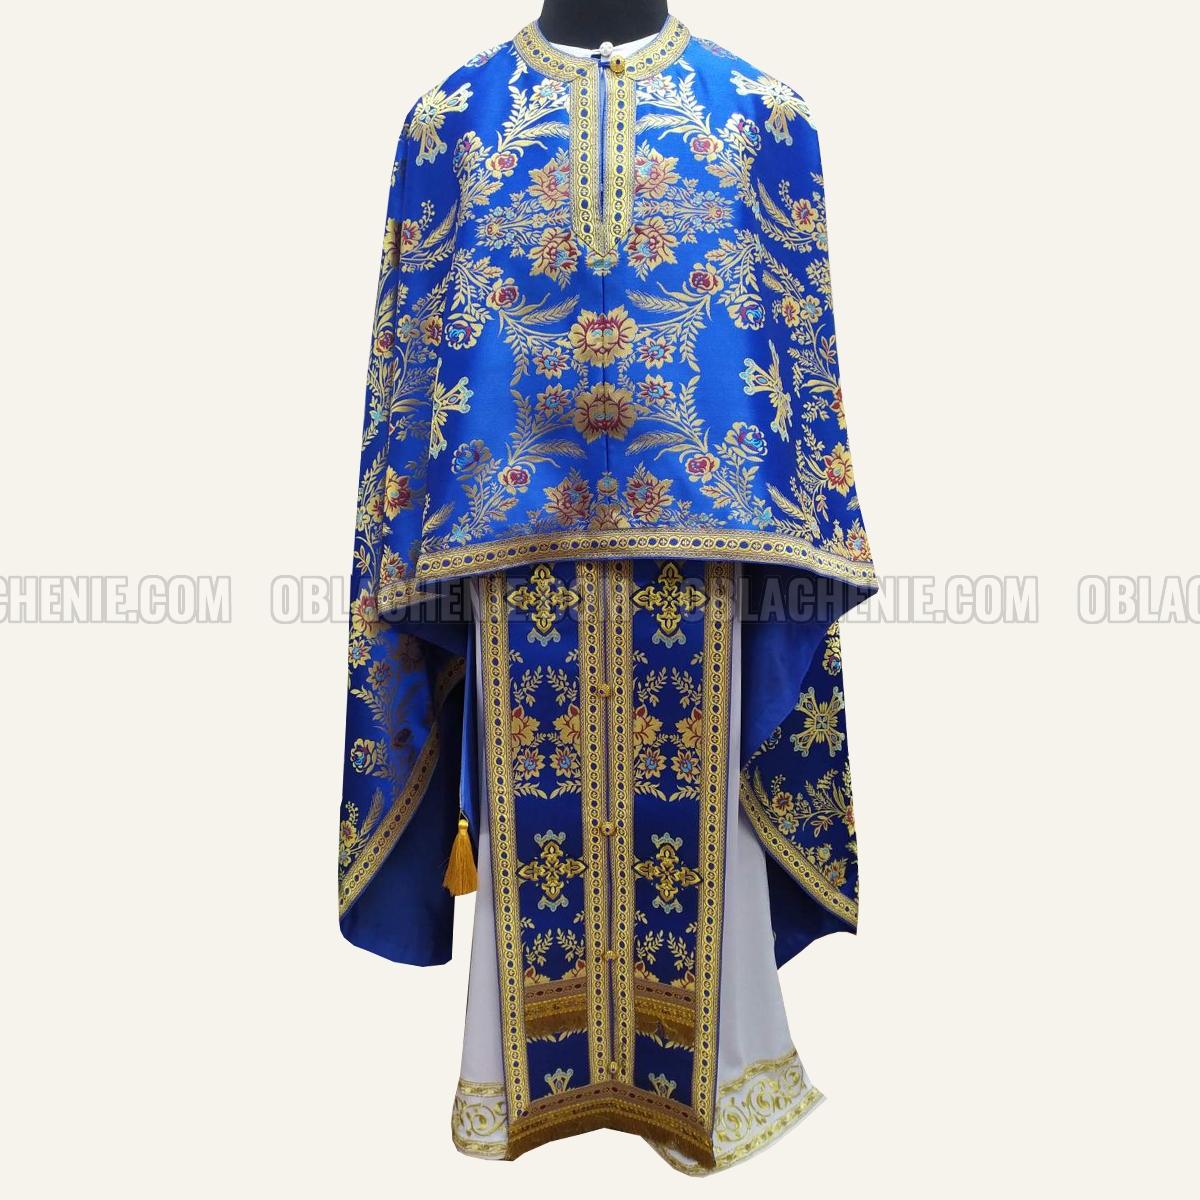 PRIEST'S VESTMENTS 10974